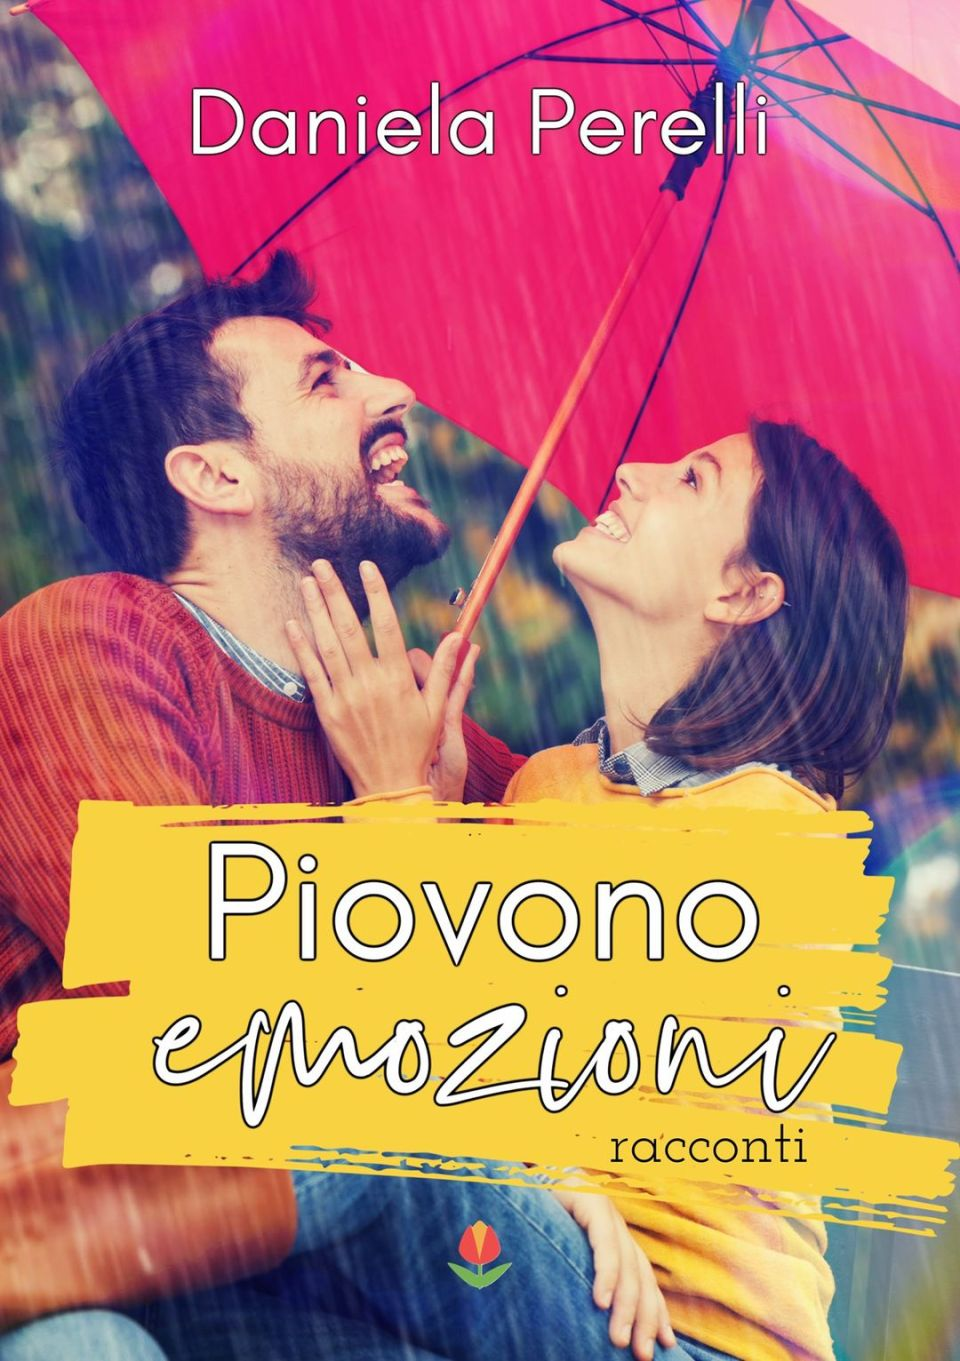 Piovono emozioni Book Cover